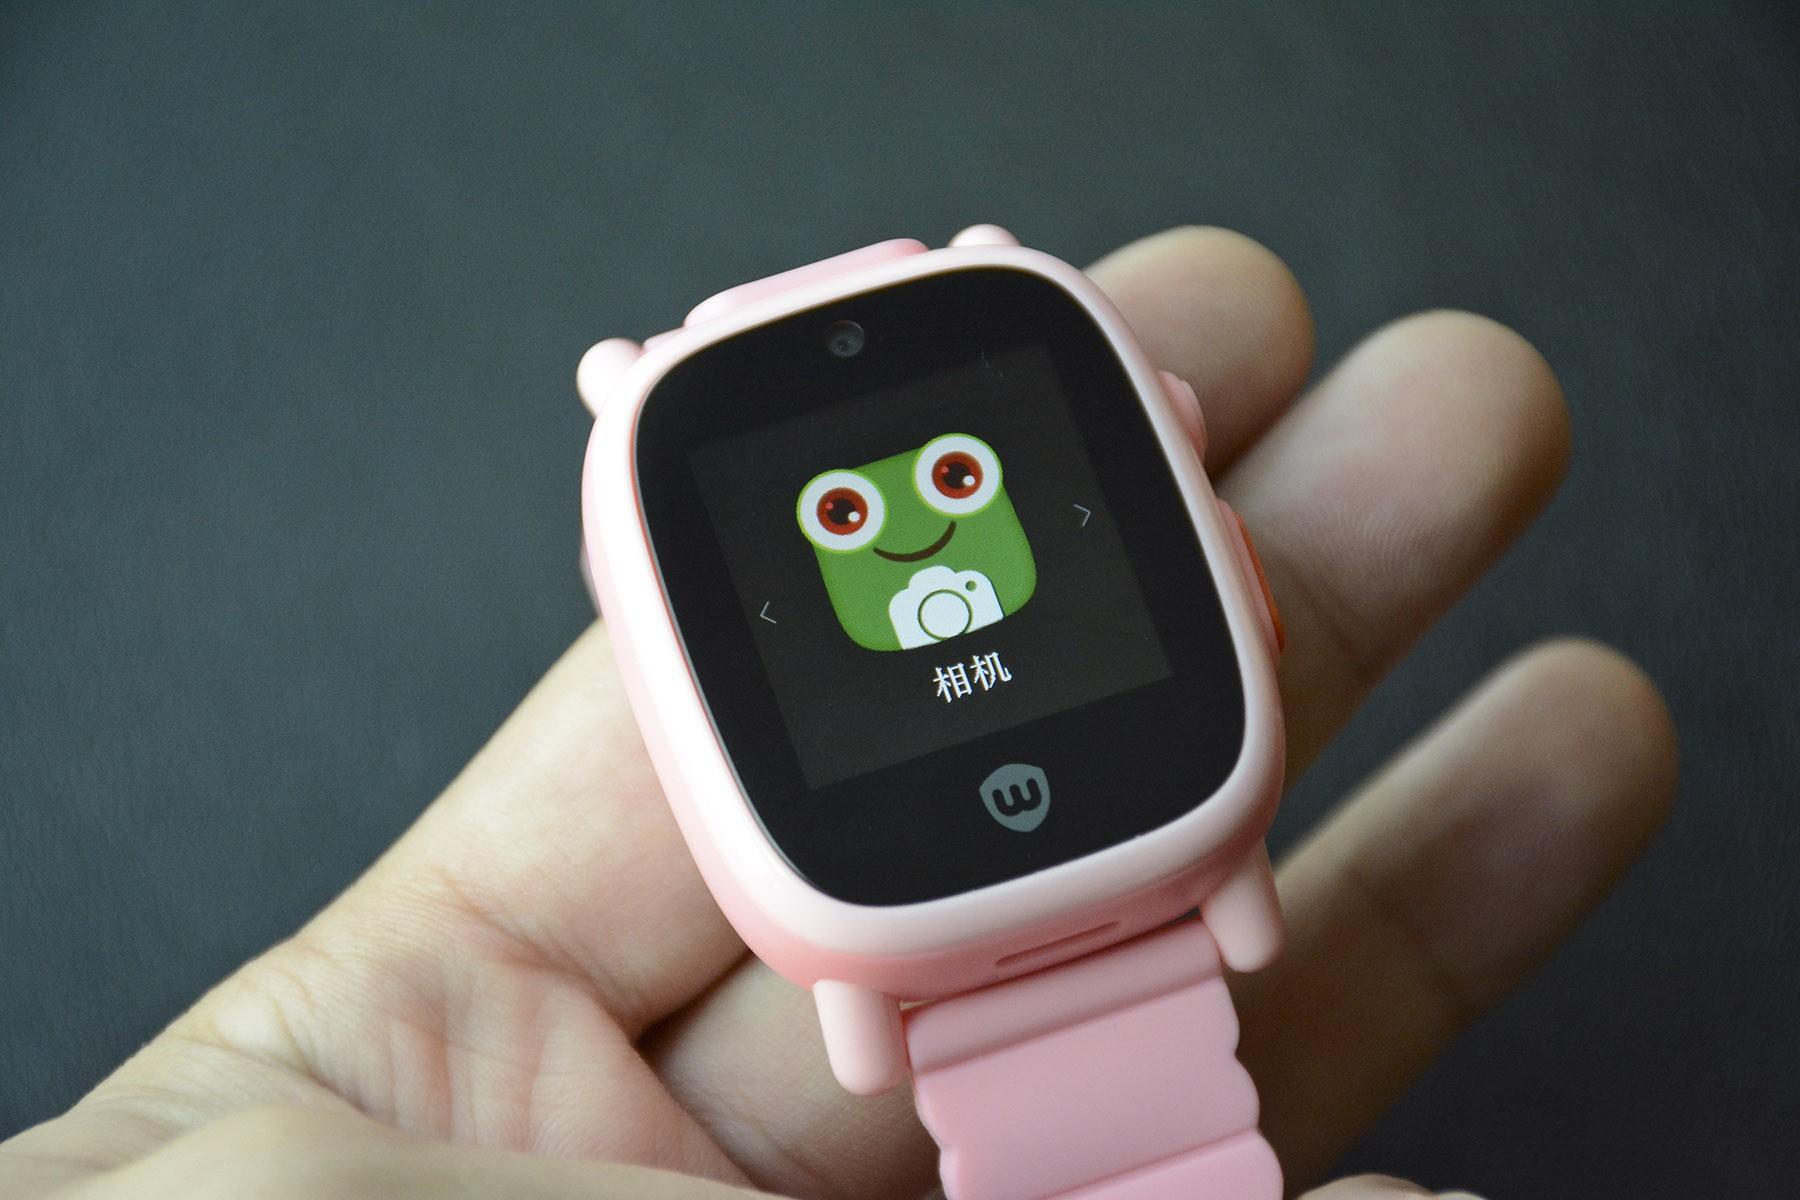 双摄拍照更好玩 卫小宝k7儿童电话手表评测图片列表